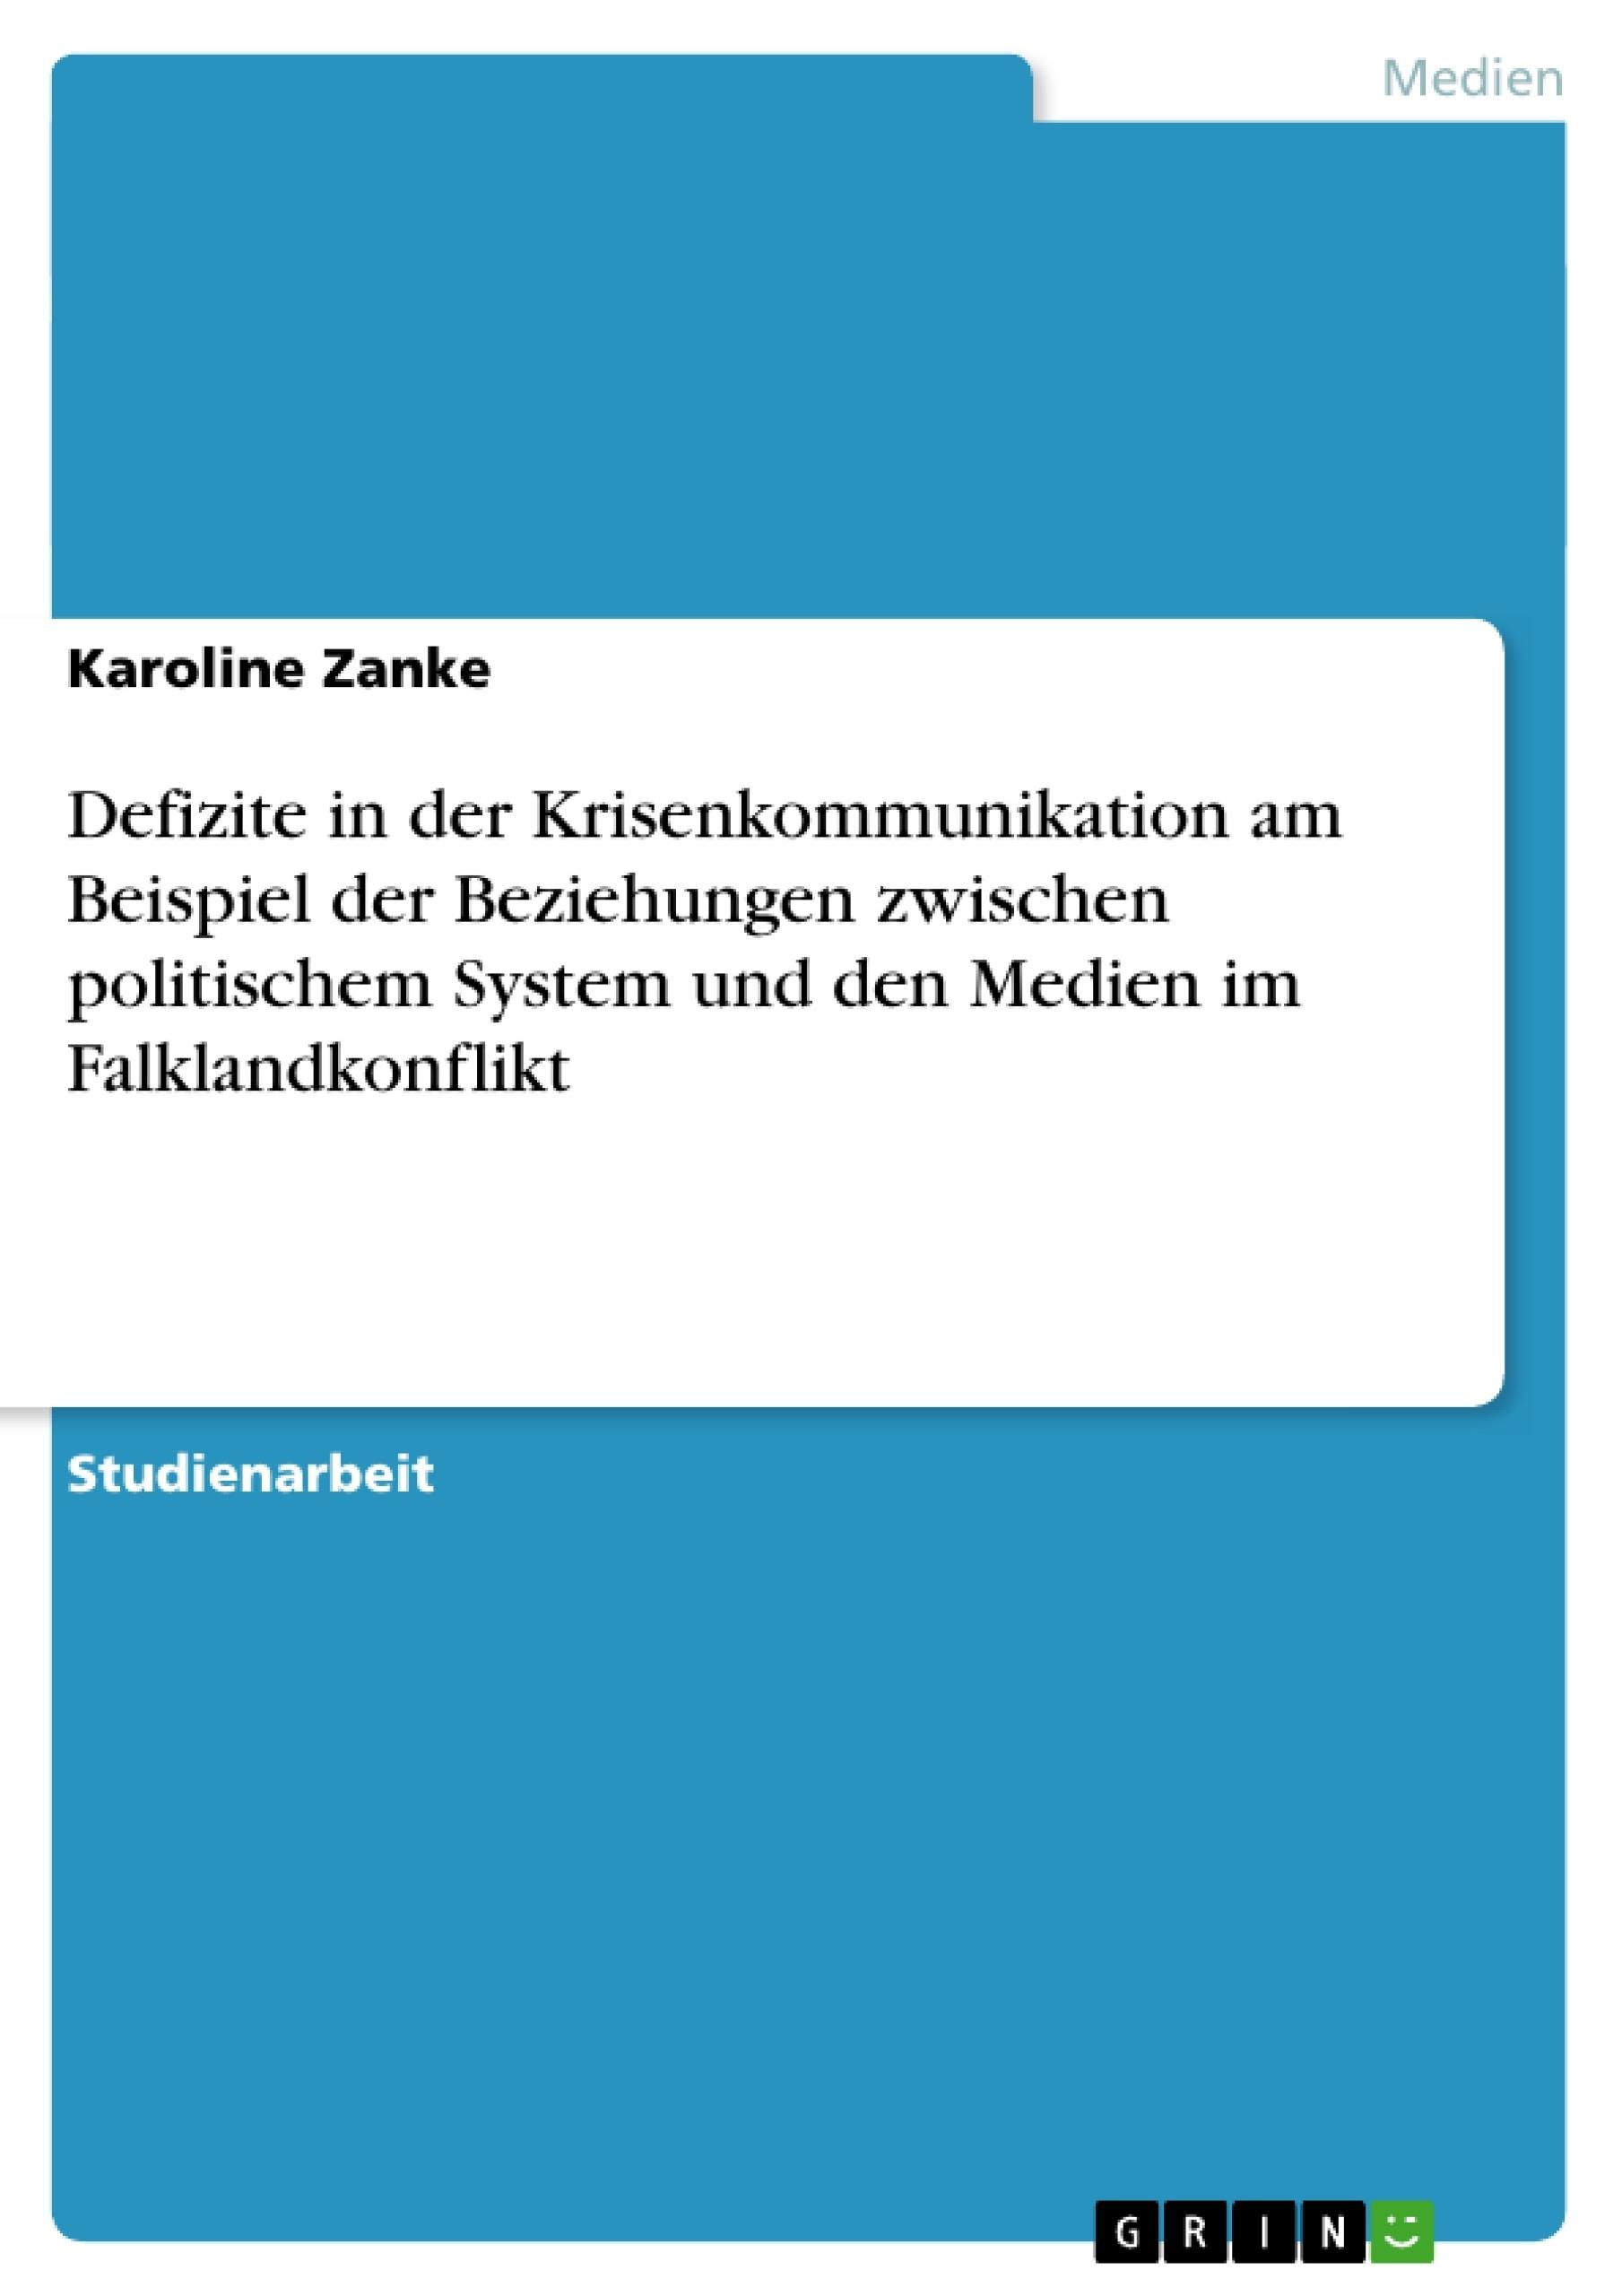 Titel: Defizite in der Krisenkommunikation am Beispiel der Beziehungen zwischen politischem System und den Medien im Falklandkonflikt